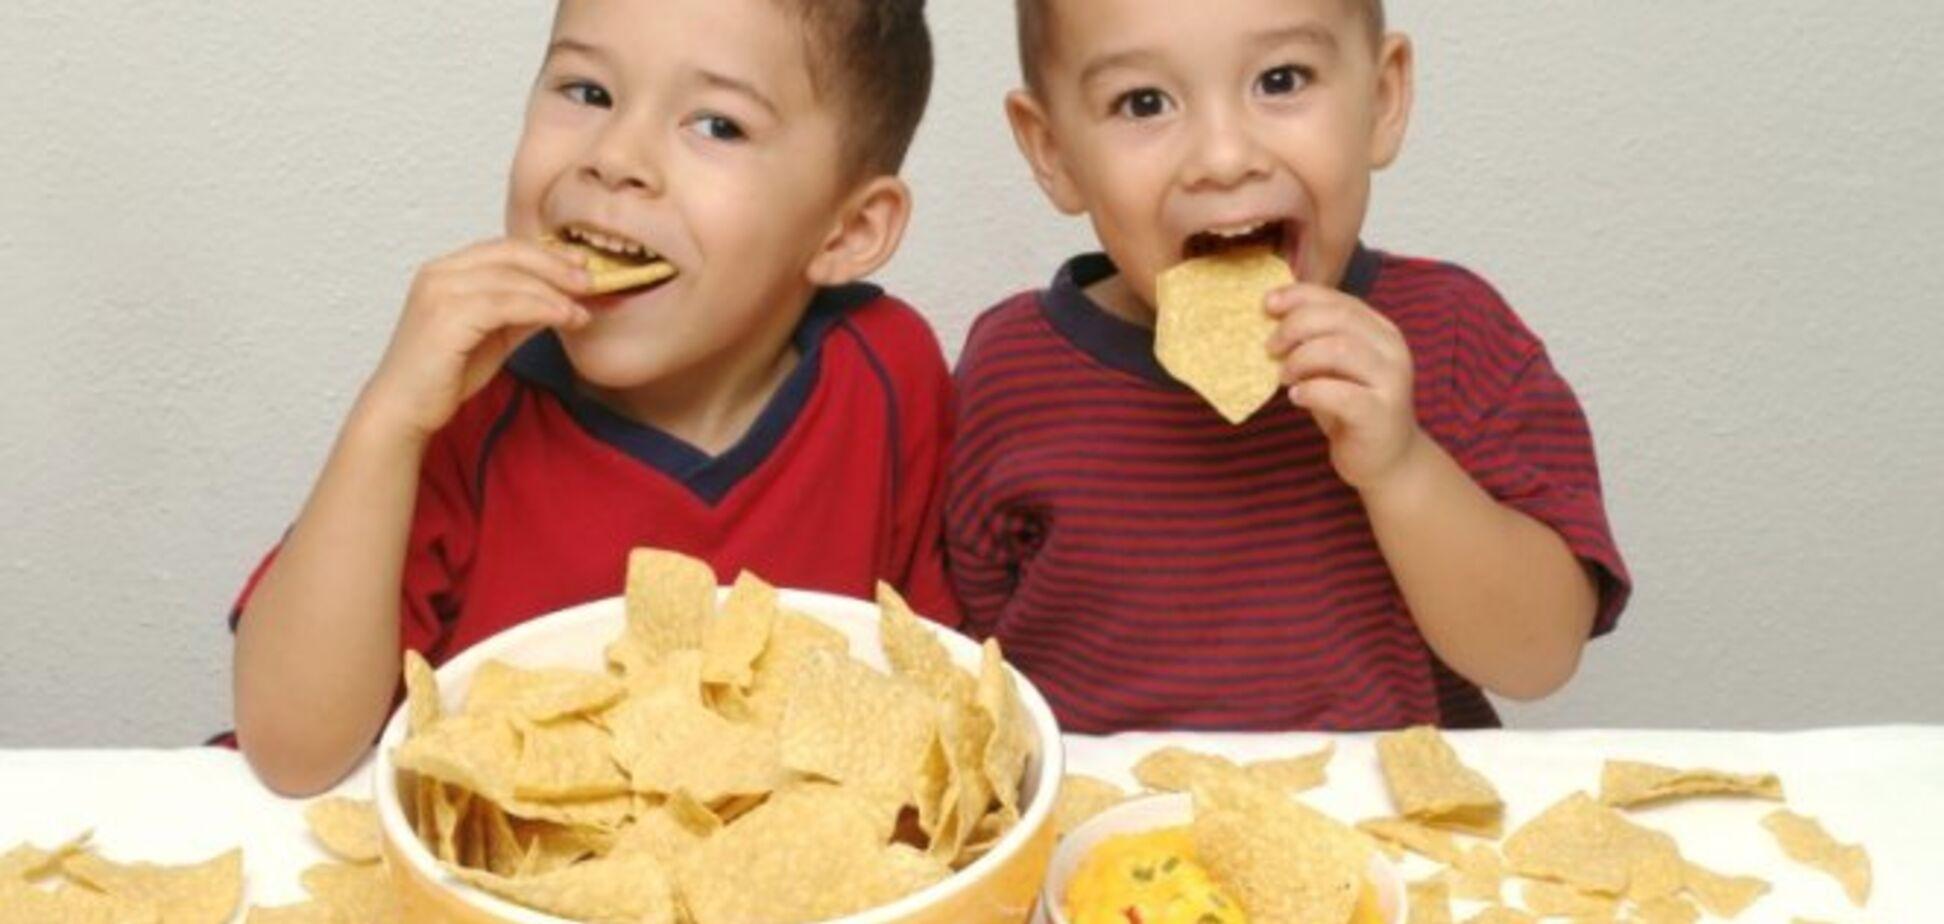 Заборона на продаж чіпсів дітям: у МОЗ зробили заяву